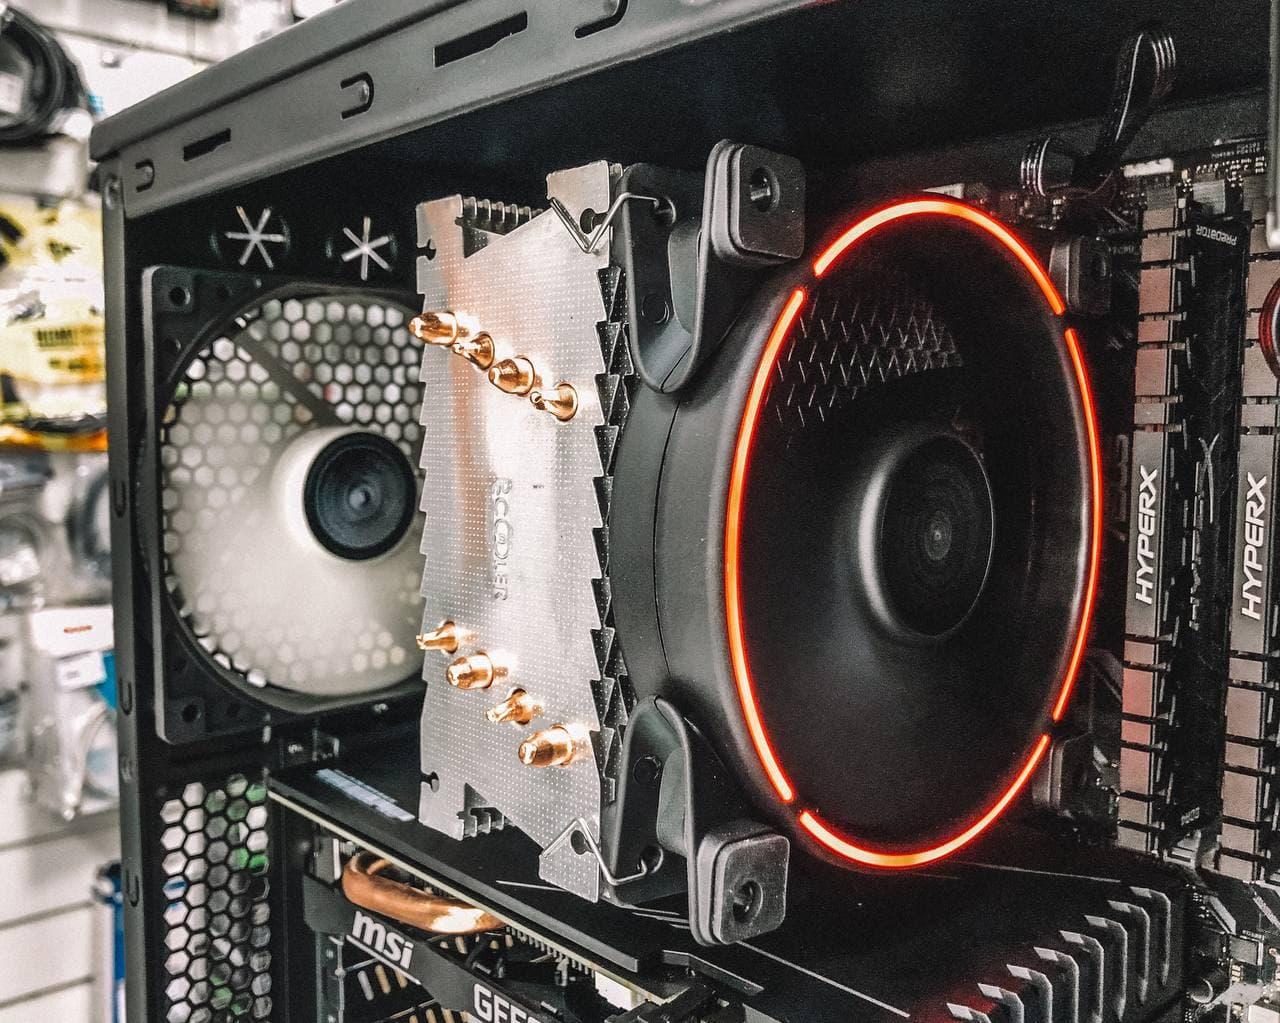 картинка Системный блок Status Home Ryzen 7 AMD + GeForce от магазина Одежда+